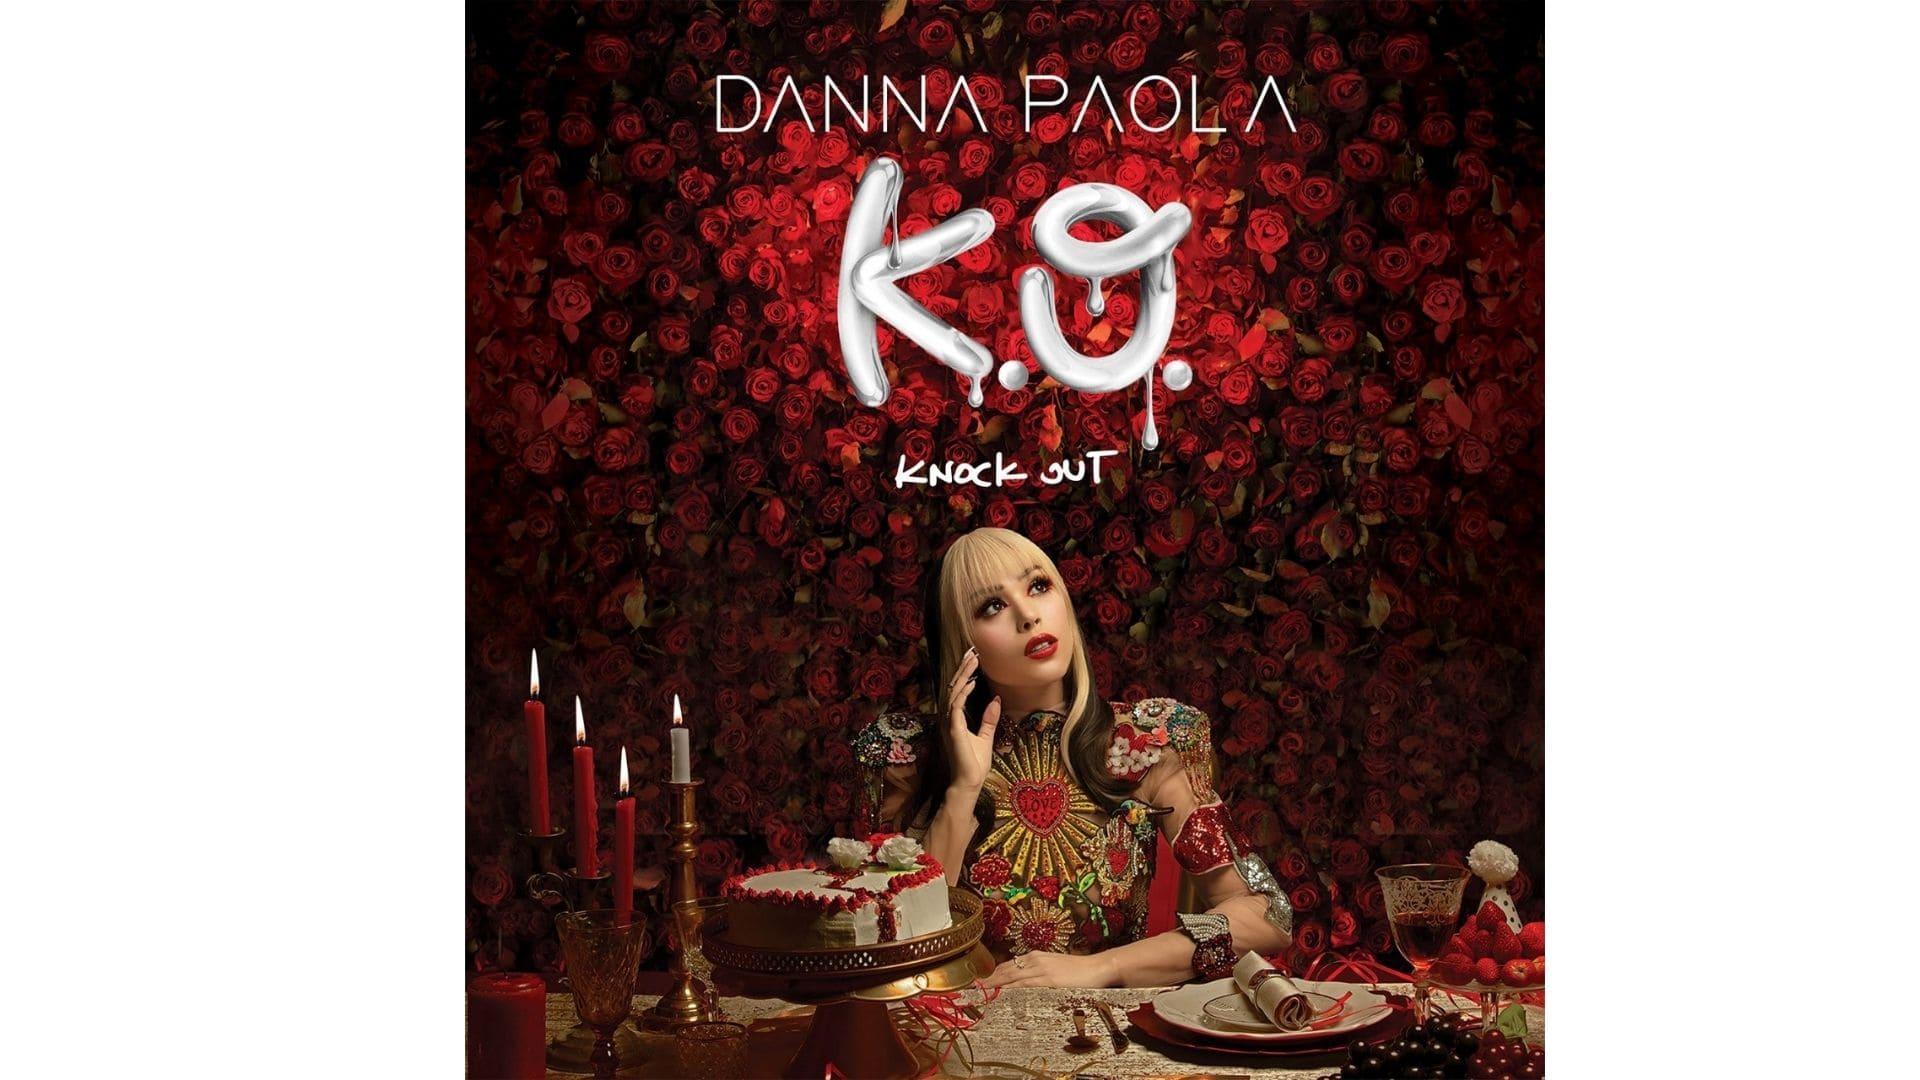 La artista del momento Danna Paola presenta su nuevo Álbum 'K.O.'